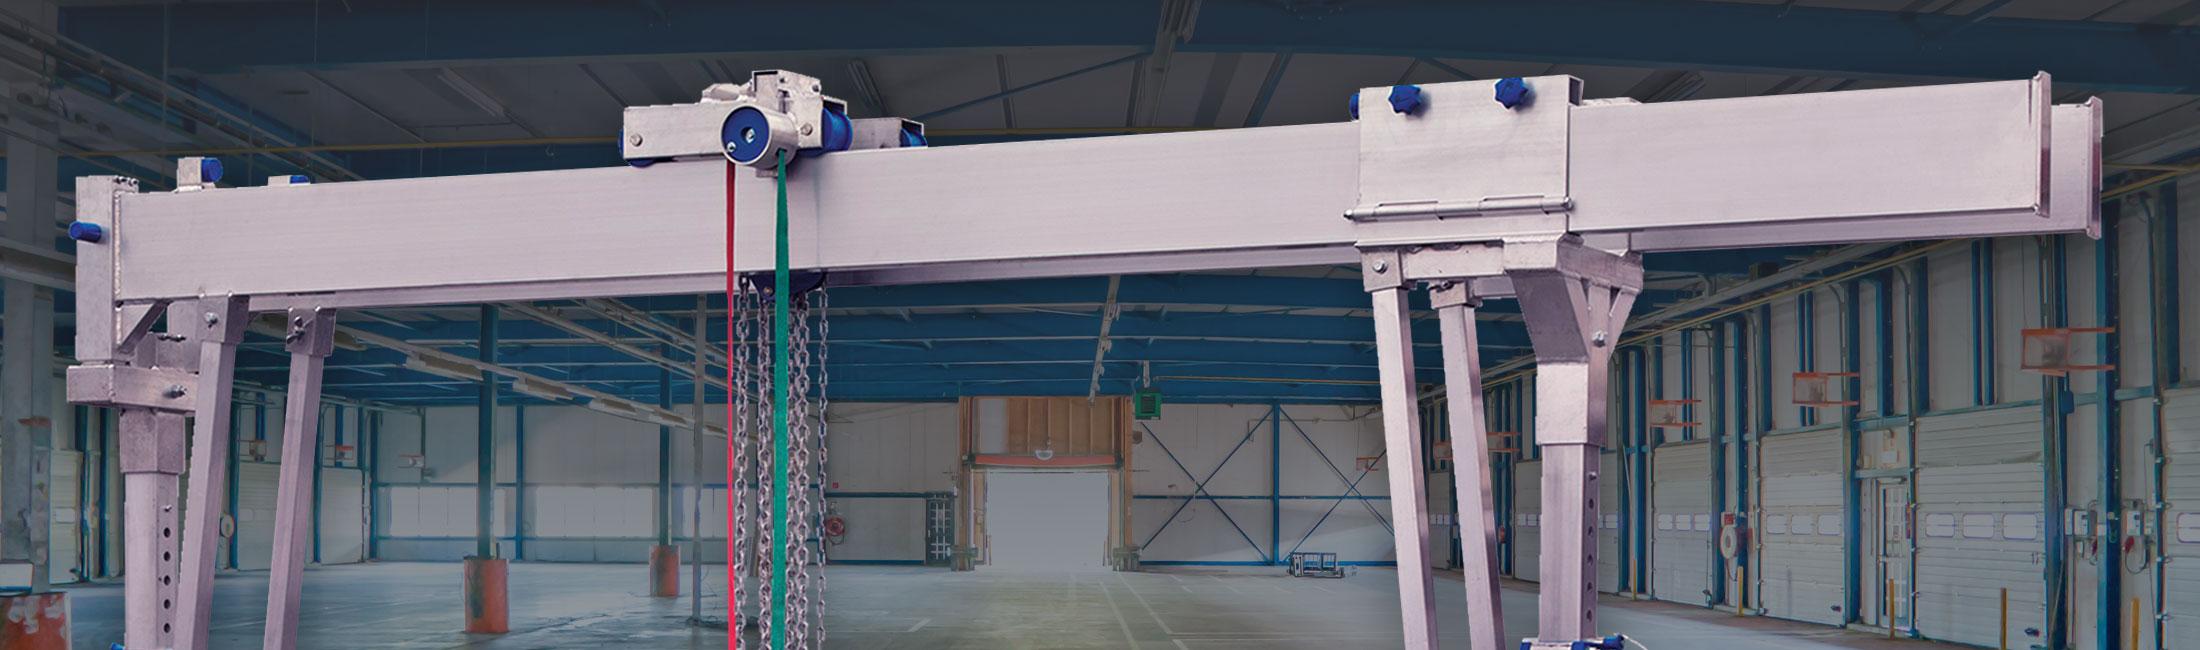 teollisuus-metalliteollisuus-teollisuuden-pukkinostin-pukkinostimet-satateras-1-